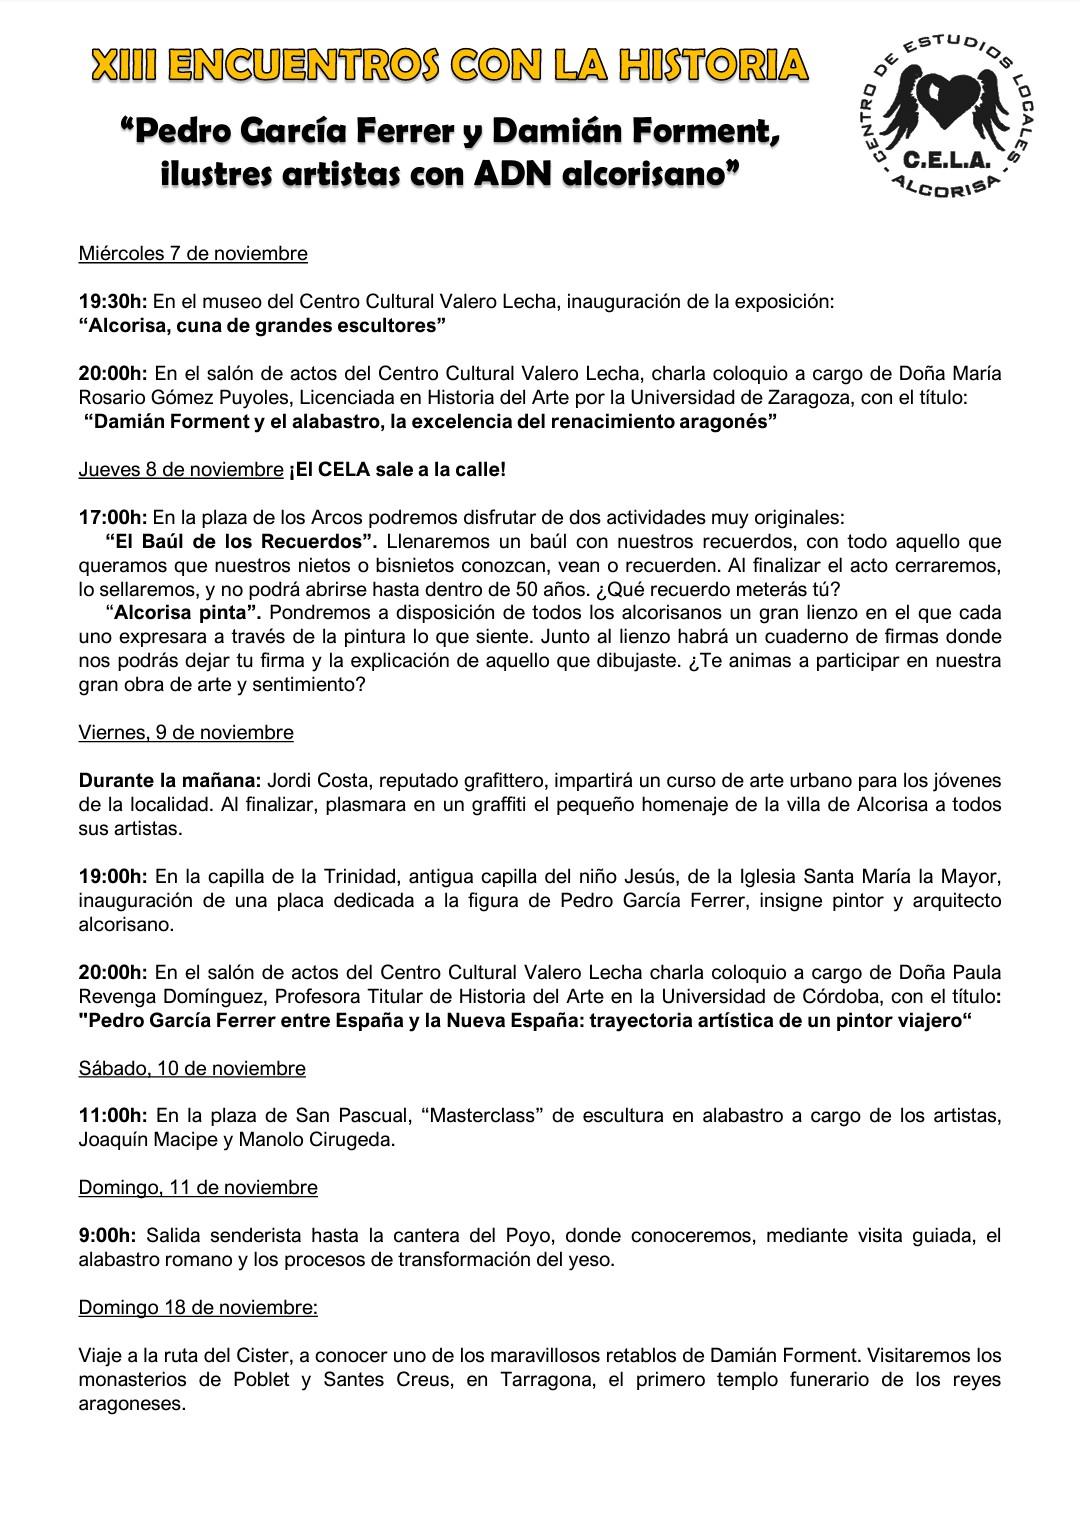 XIII Encuentros con la Historia del CELA en Alcorisa